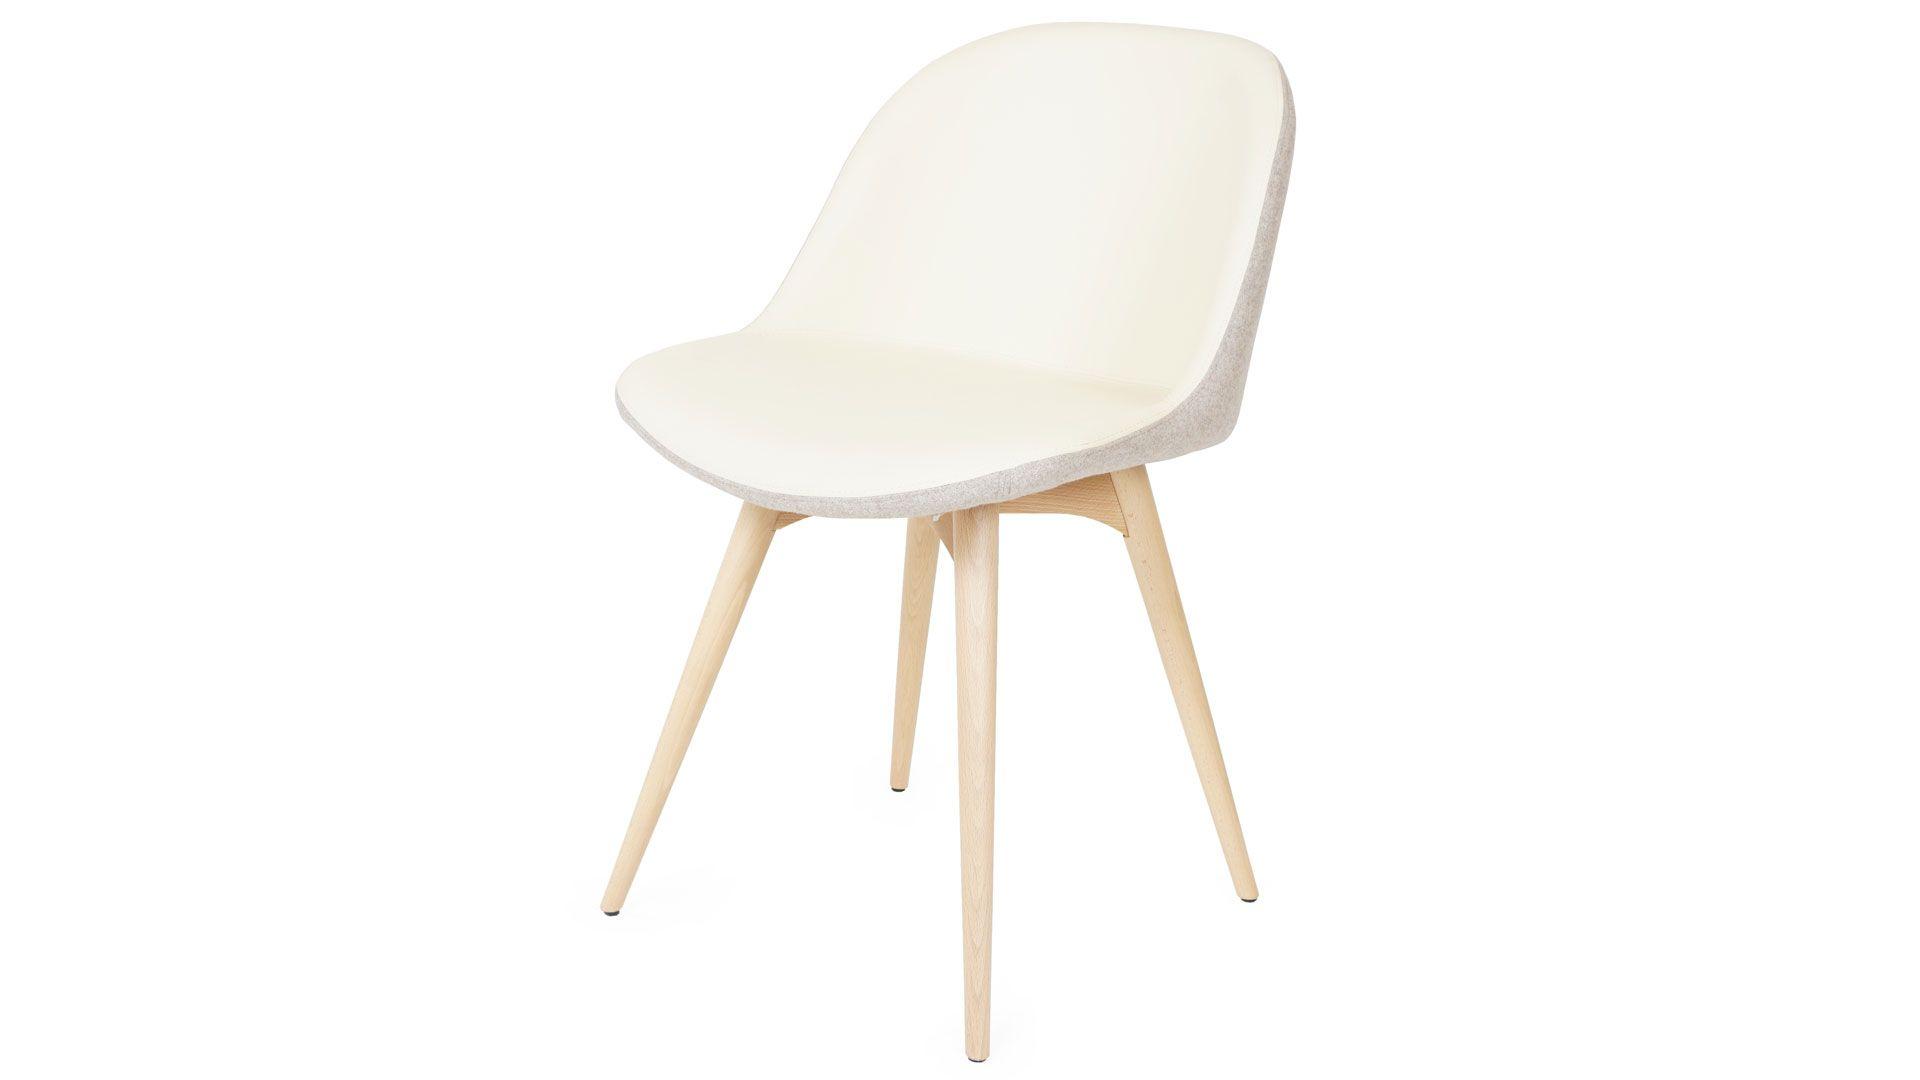 Chaise D Appoint Italienne Un Fauteuil Pour Deux Chaises D Appoint Fauteuil Pour Deux Chaise